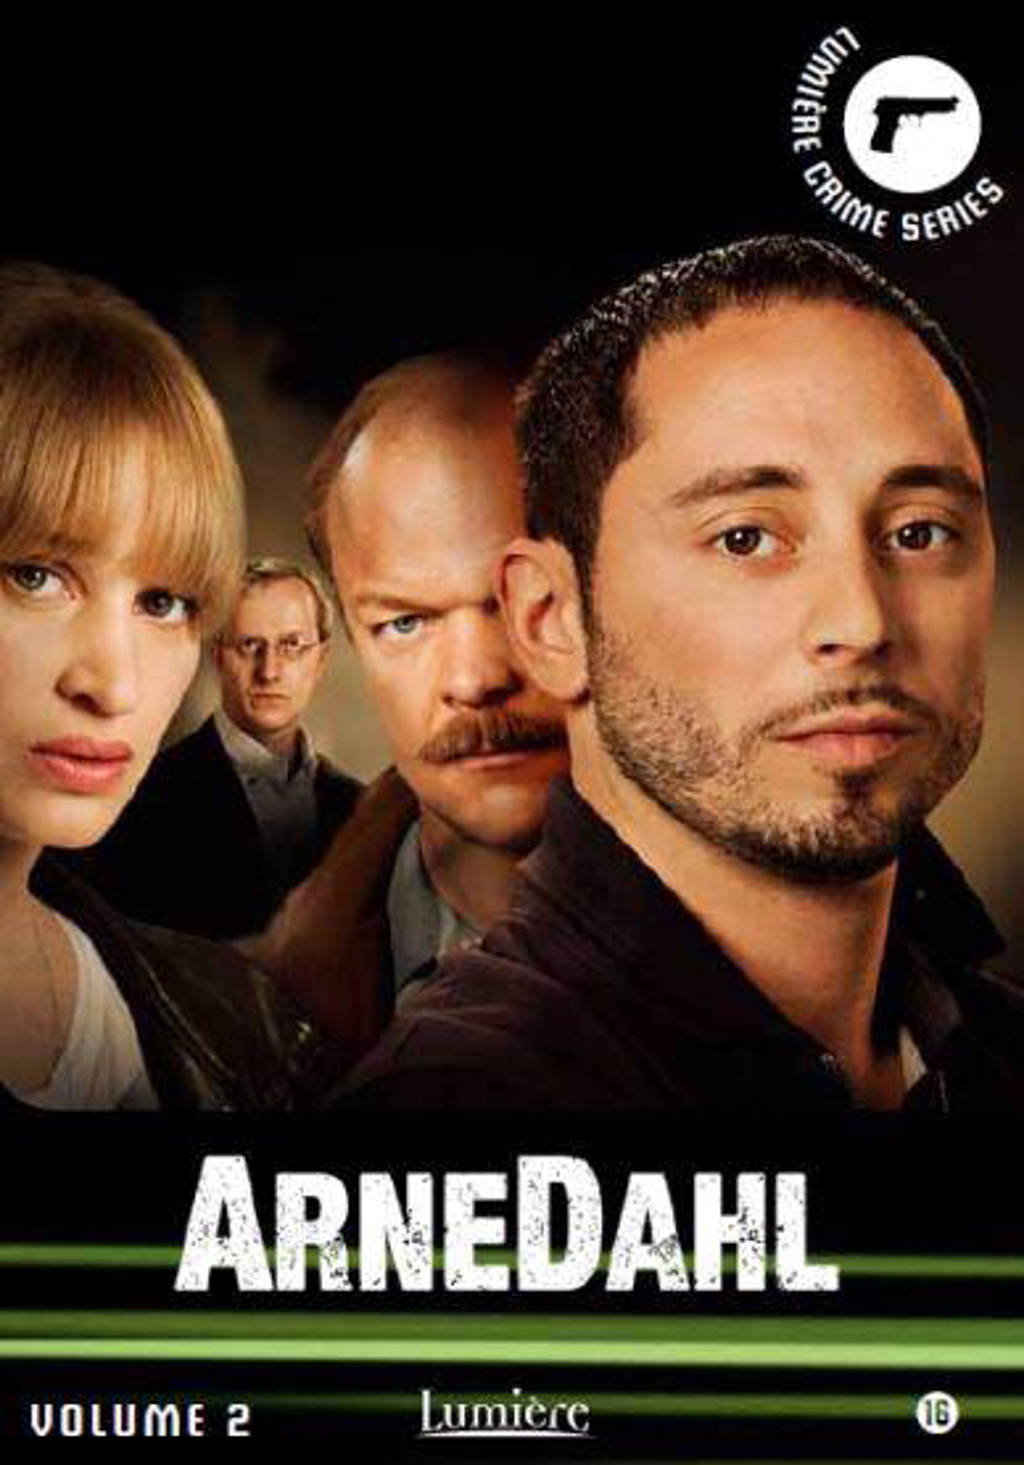 Arne Dahl 2 (DVD)